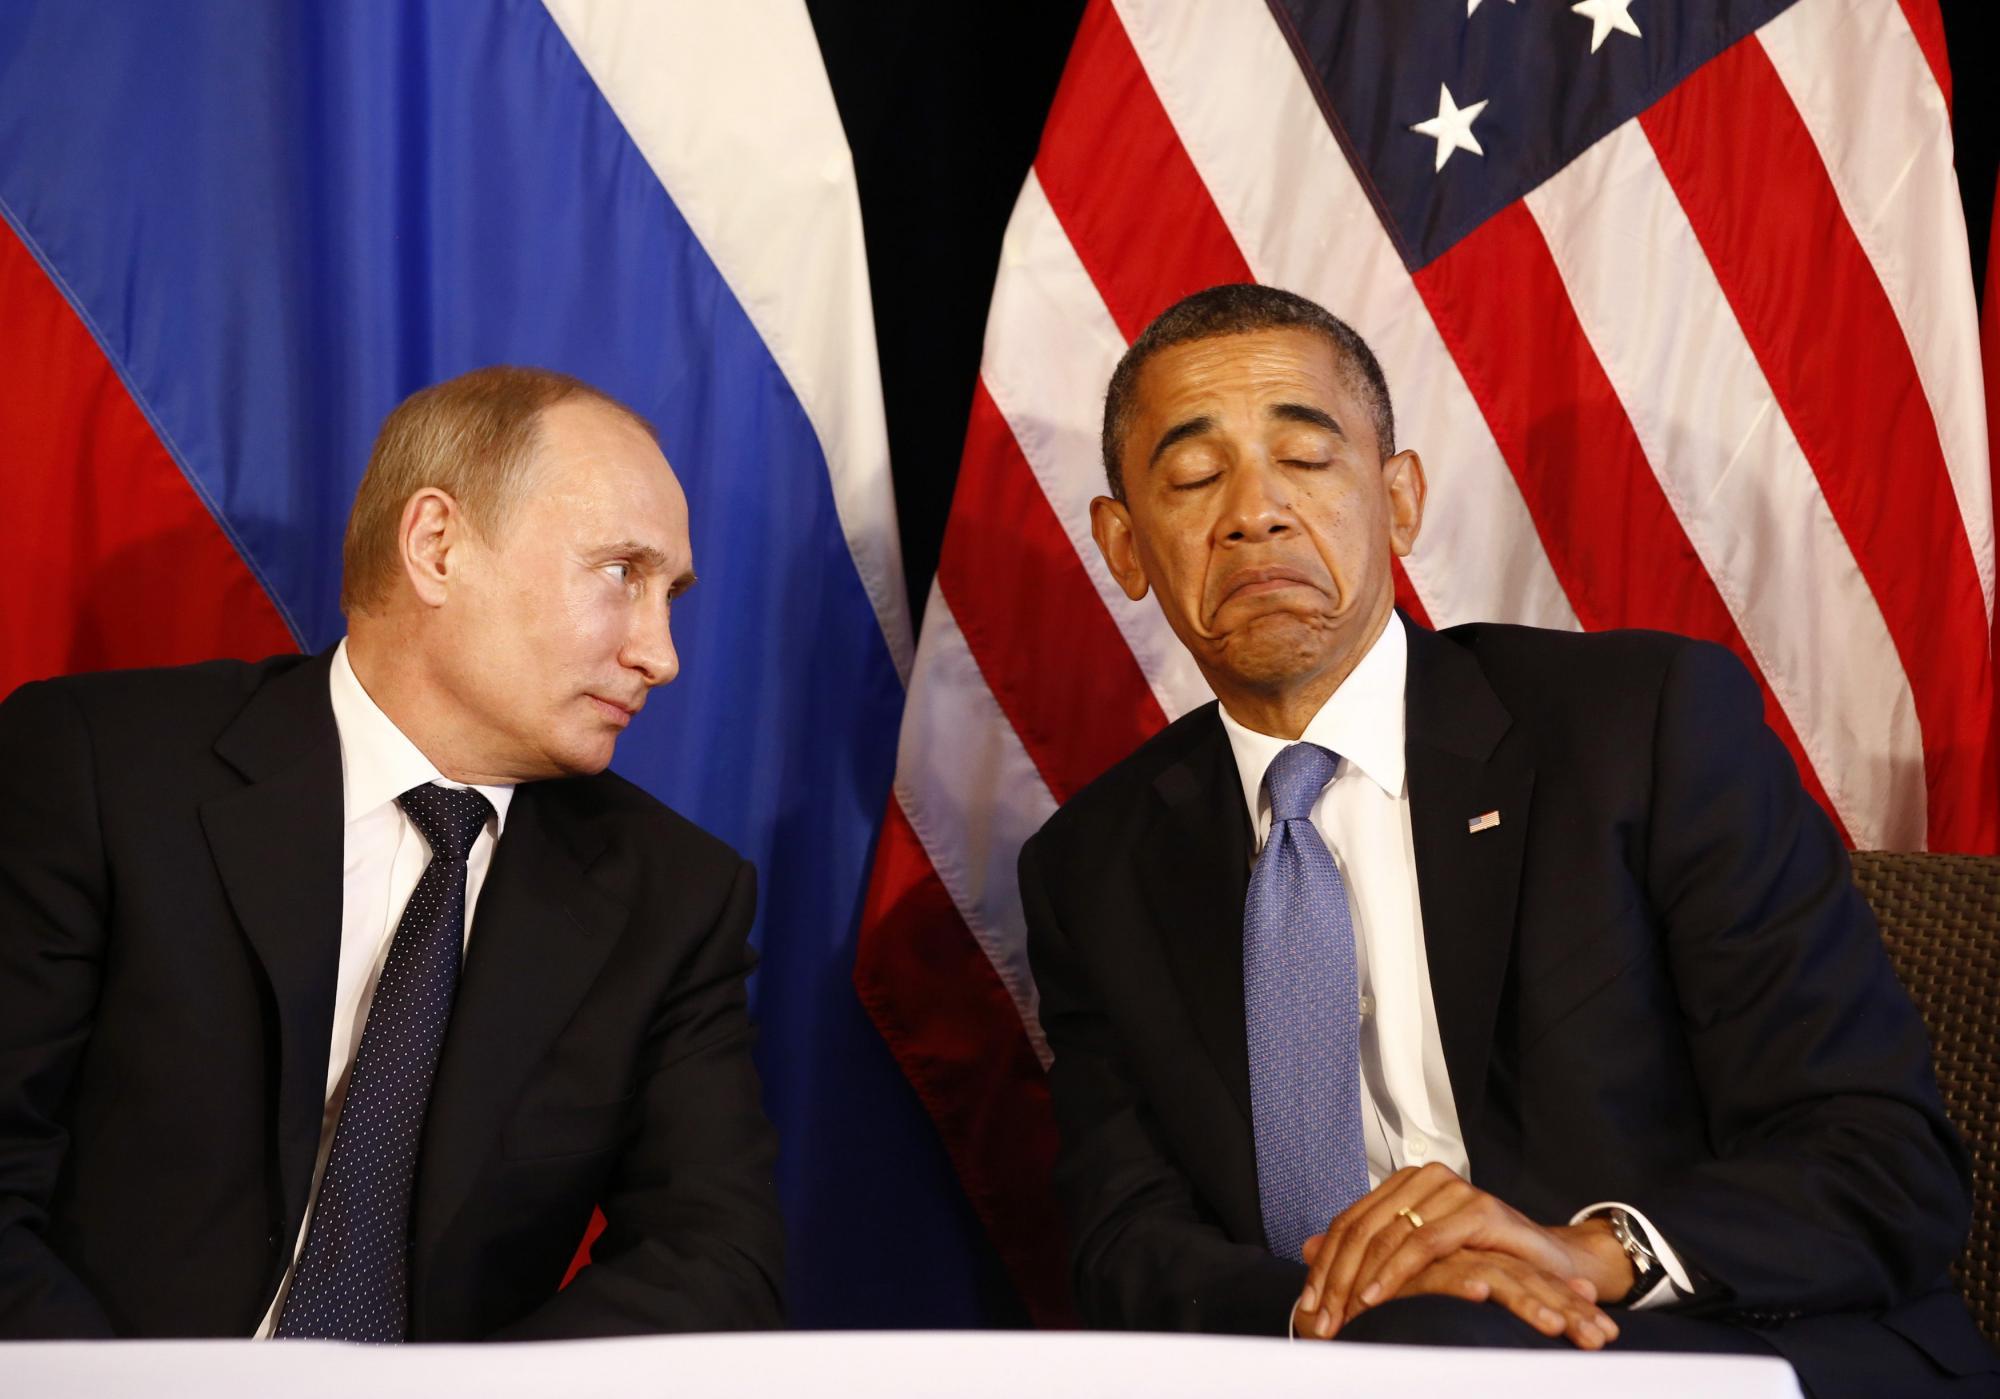 奥巴马取消与普京既定会晤 实为无奈之举_ 视